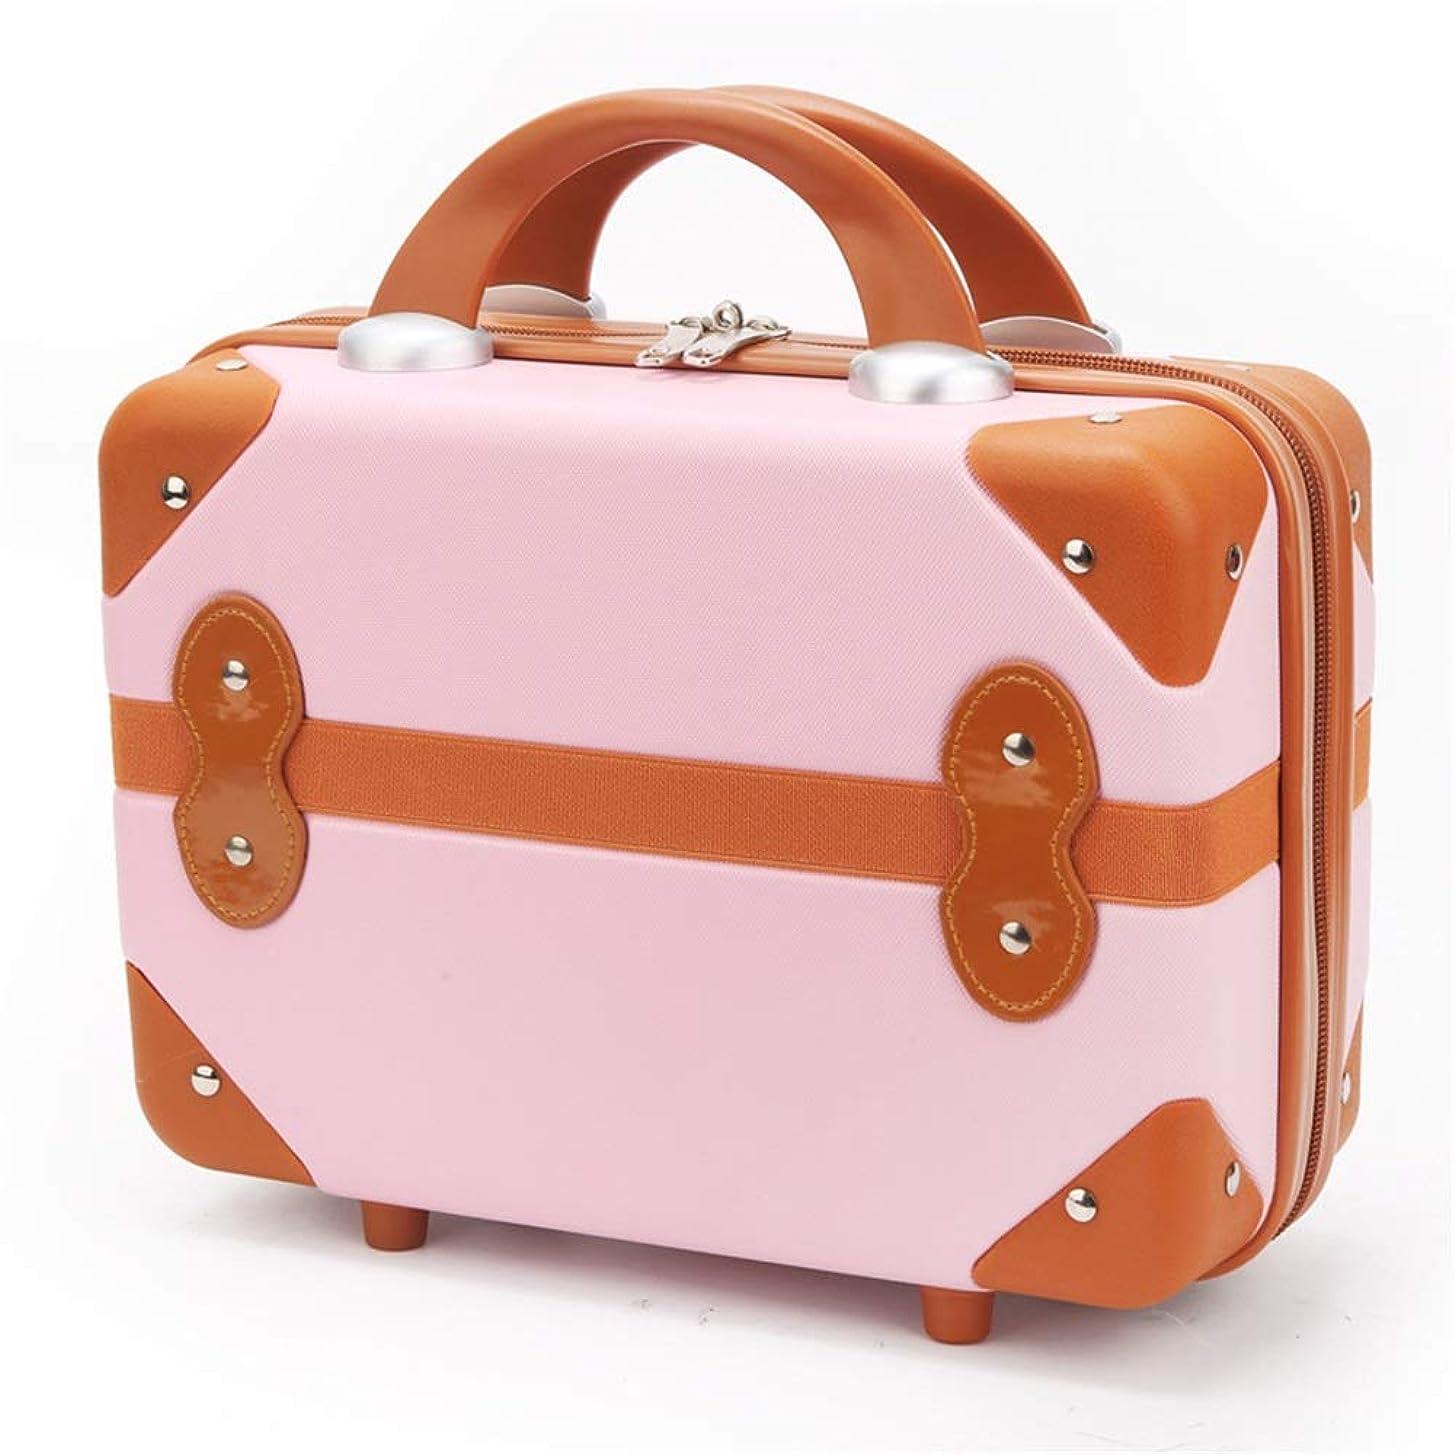 に慣れ祈る変な特大スペース収納ビューティーボックス 14インチ化粧旅行バッグ防水化粧ケース用十代の女の子女性アーティスト多機能ポータブル旅行 化粧品化粧台